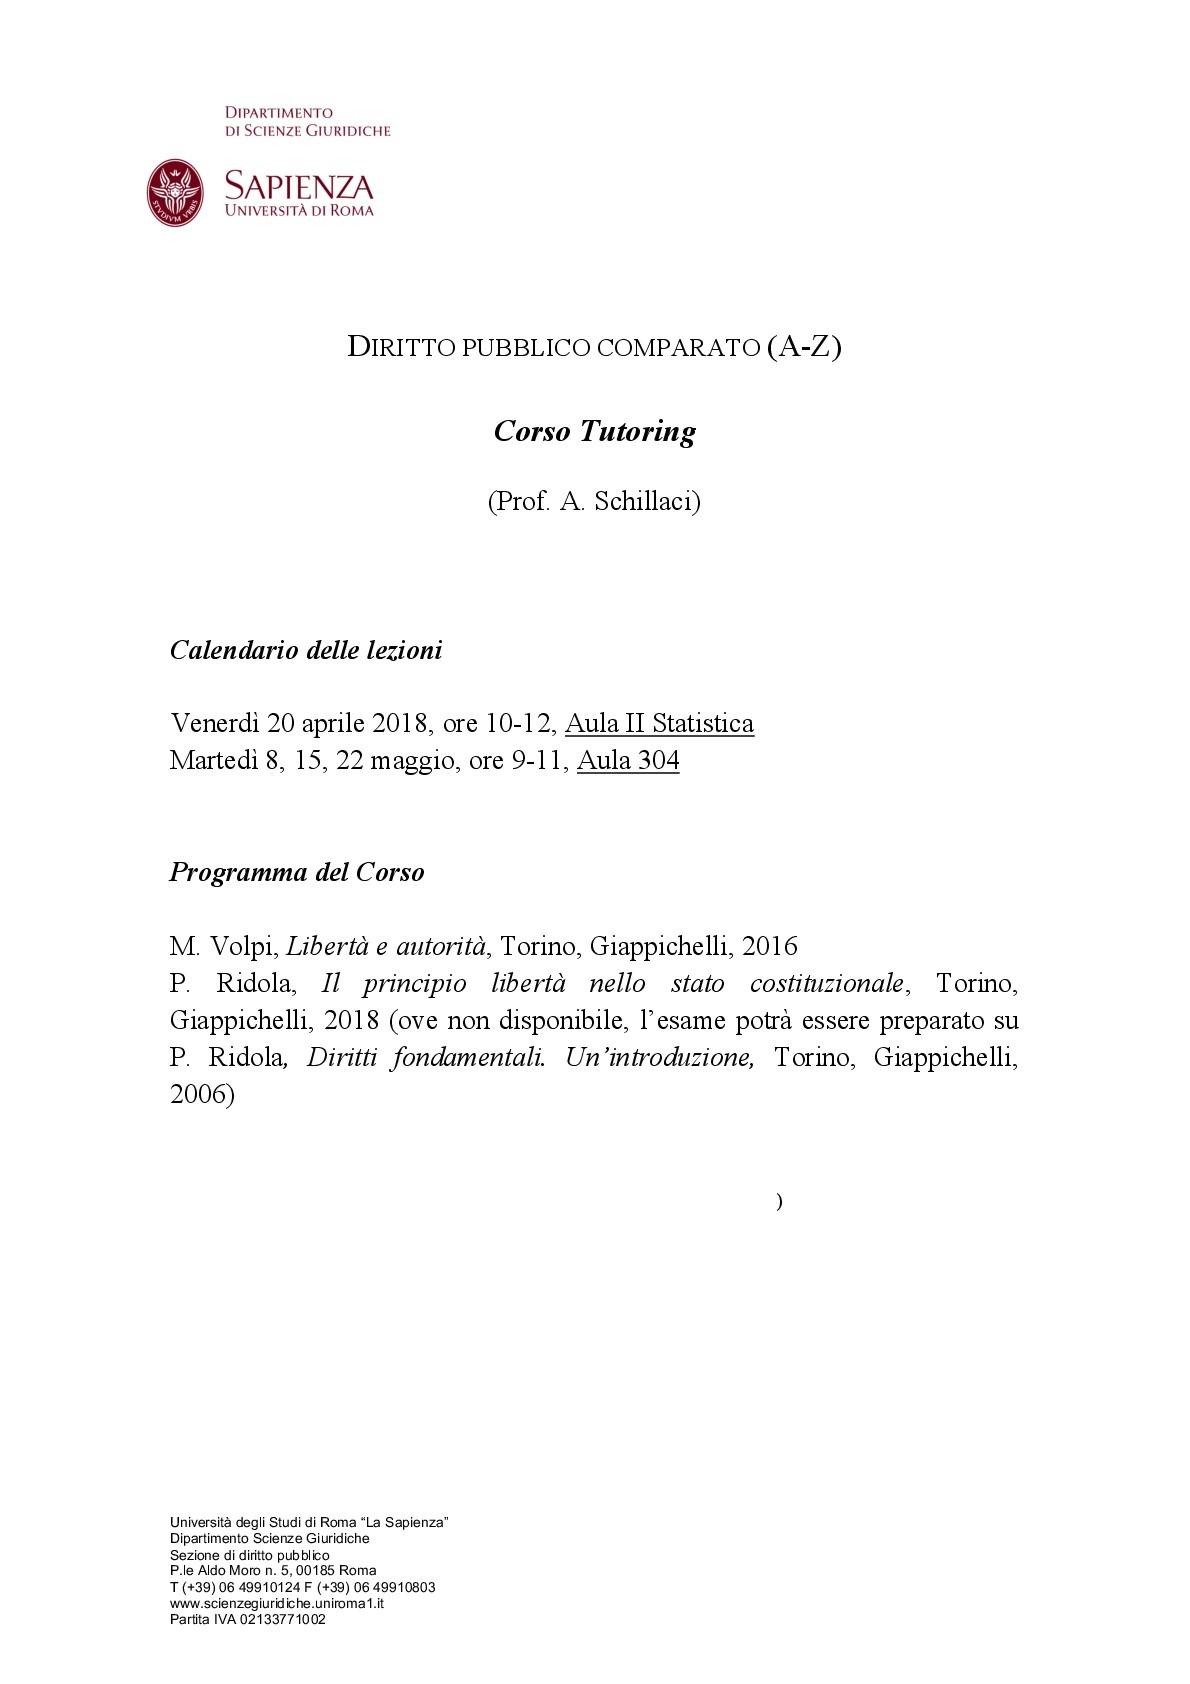 Schillaci DirittoPubblico parato 001